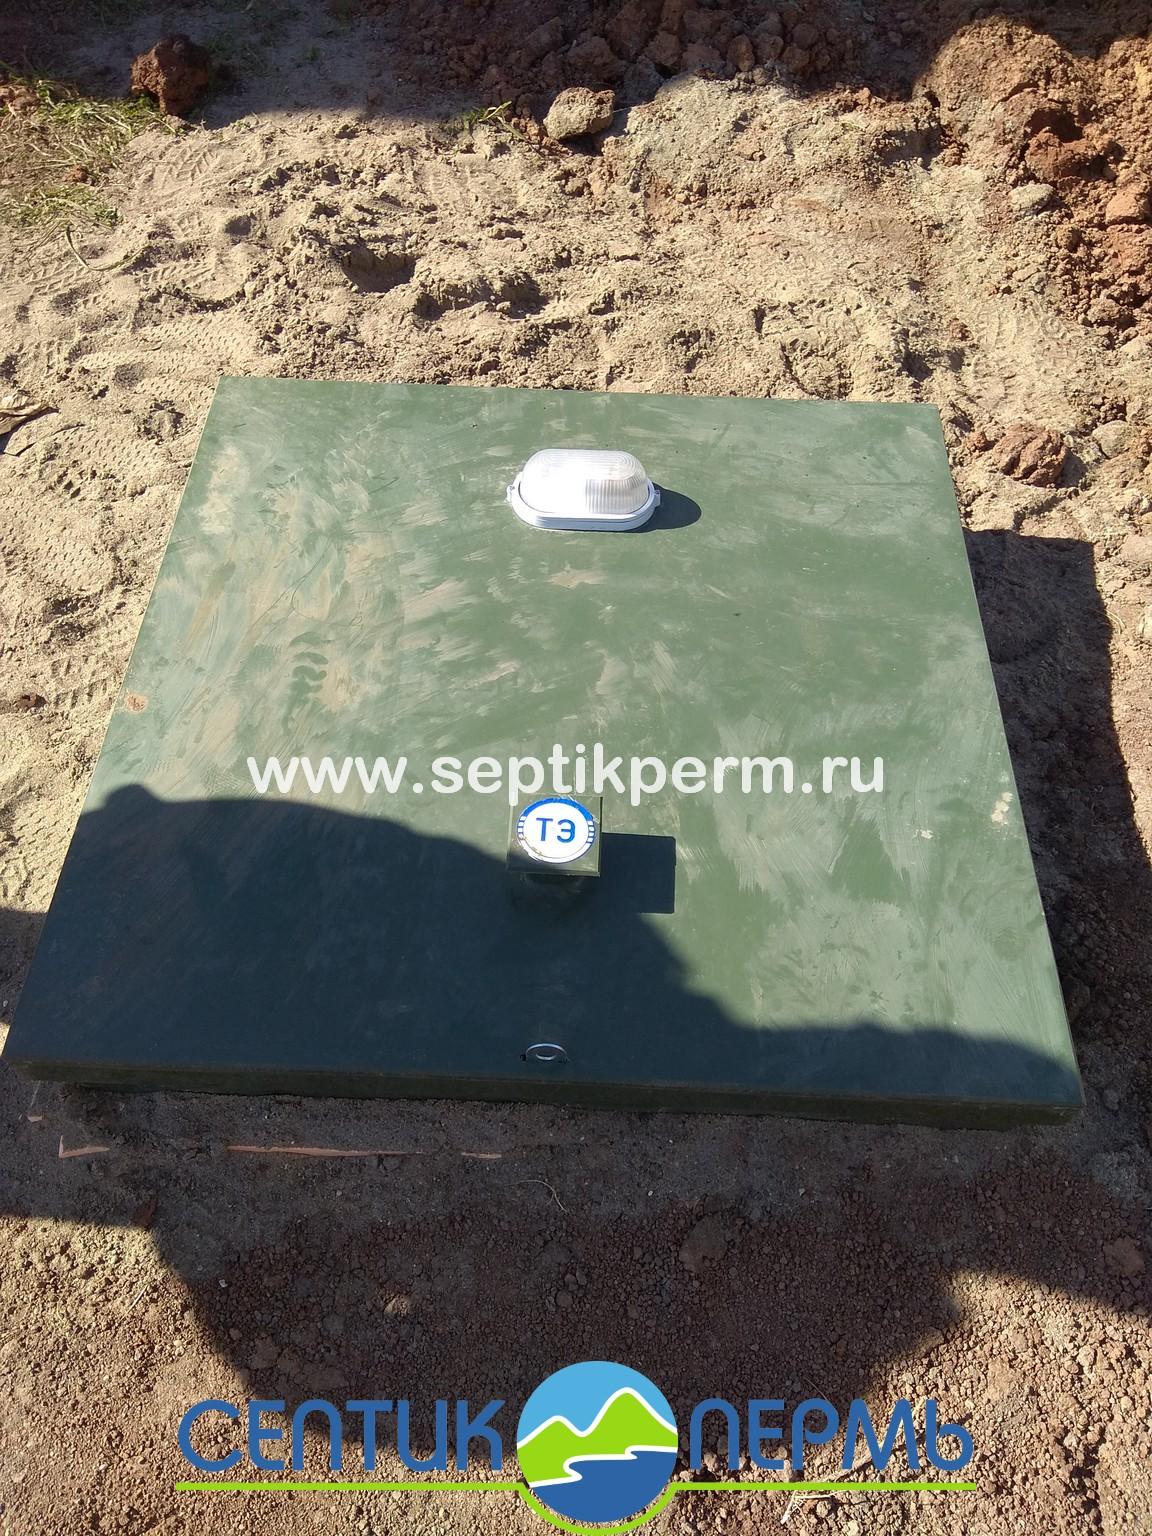 Монтаж устройства очистки сточных вод Топас-С 8 самотечный с 1 компрессором, Пермь, ул.Рассветная.